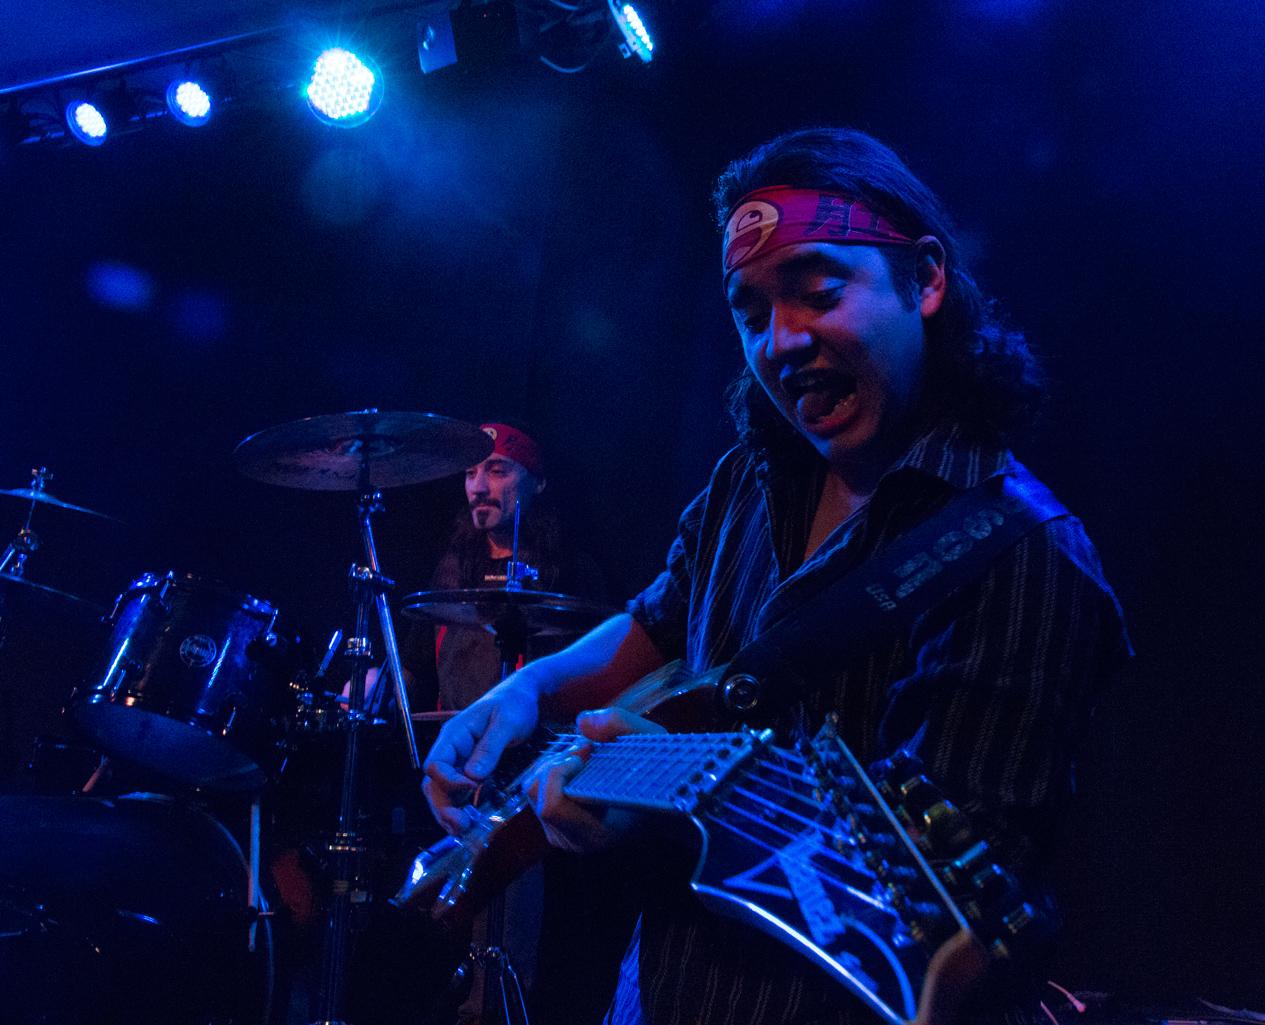 Luis-Piratas